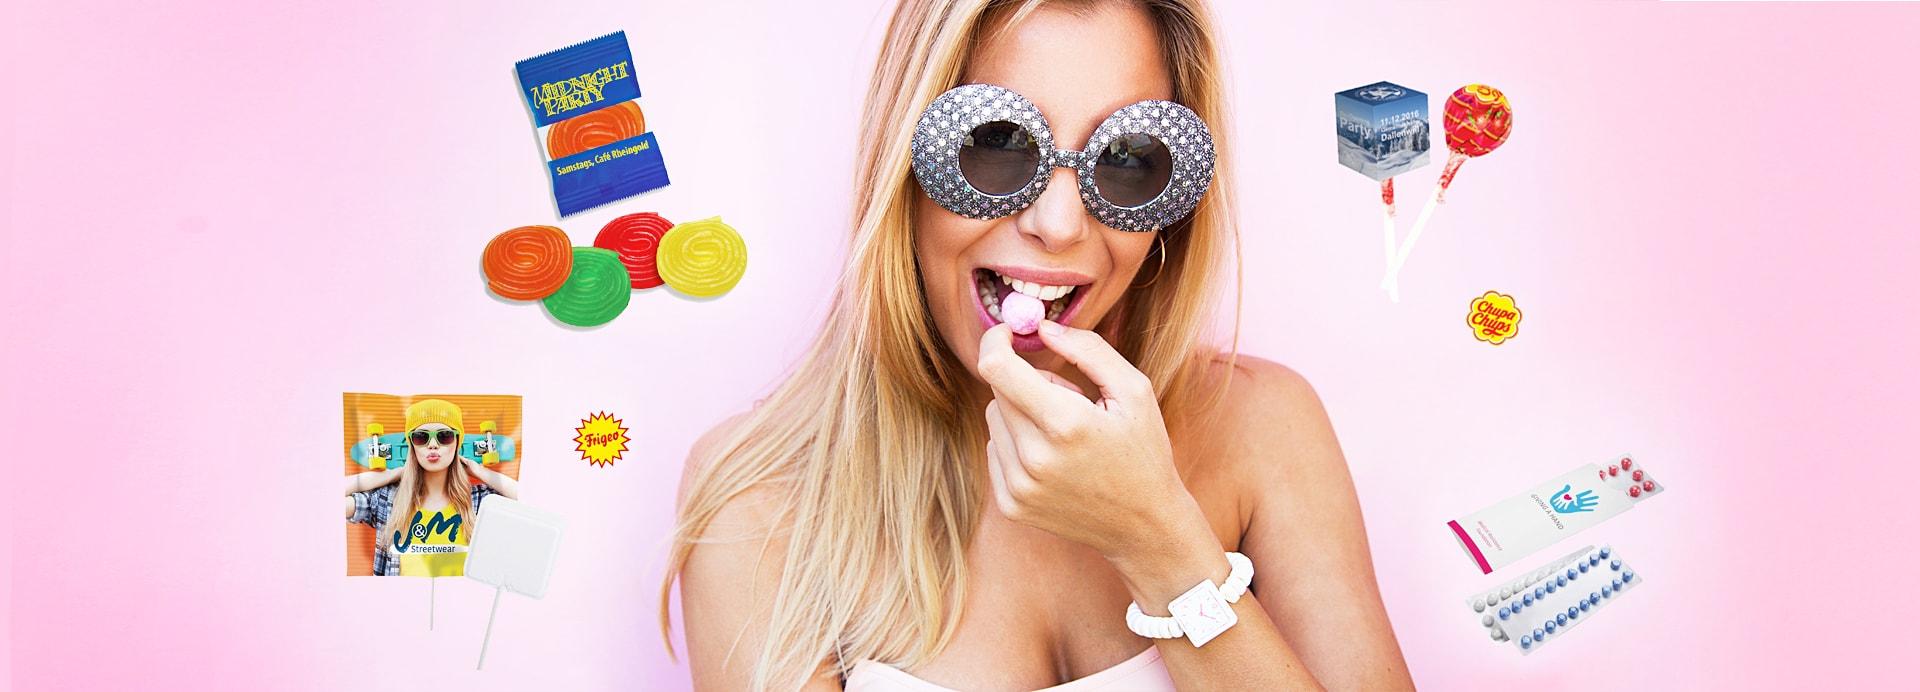 Werbeartikel Süßigkeiten selber gestalten mit Logo und Werbeslogan als Werbegeschenk.